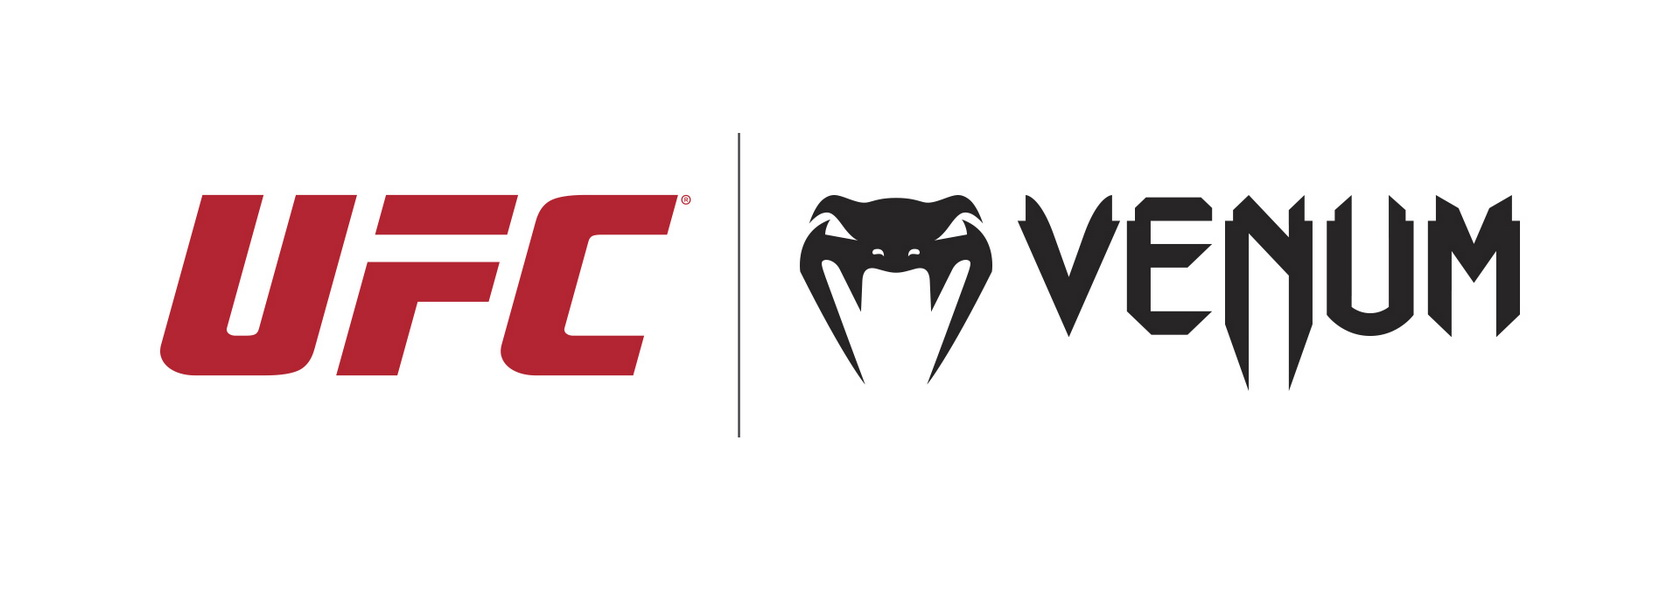 UFC & VENUM